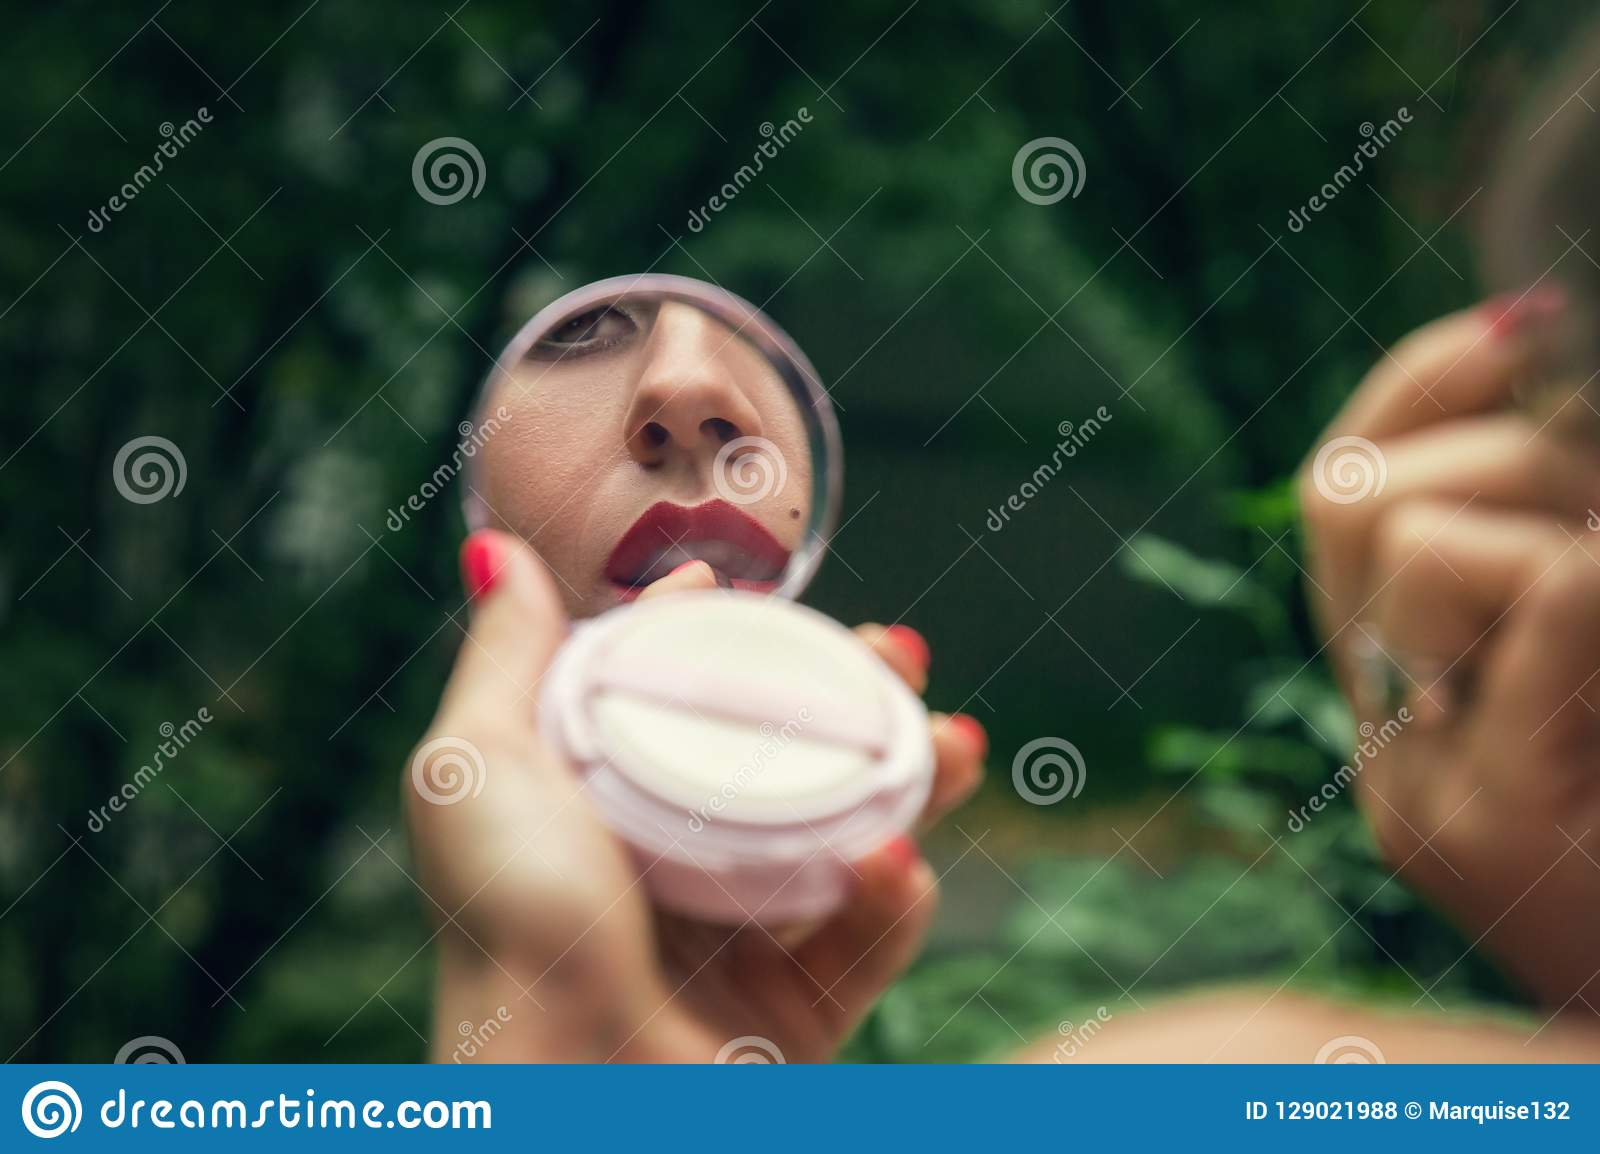 Odbicie wargi w lustrze układ który dziewczyny barwidło z czerwoną pomadką, Zielony park na tle